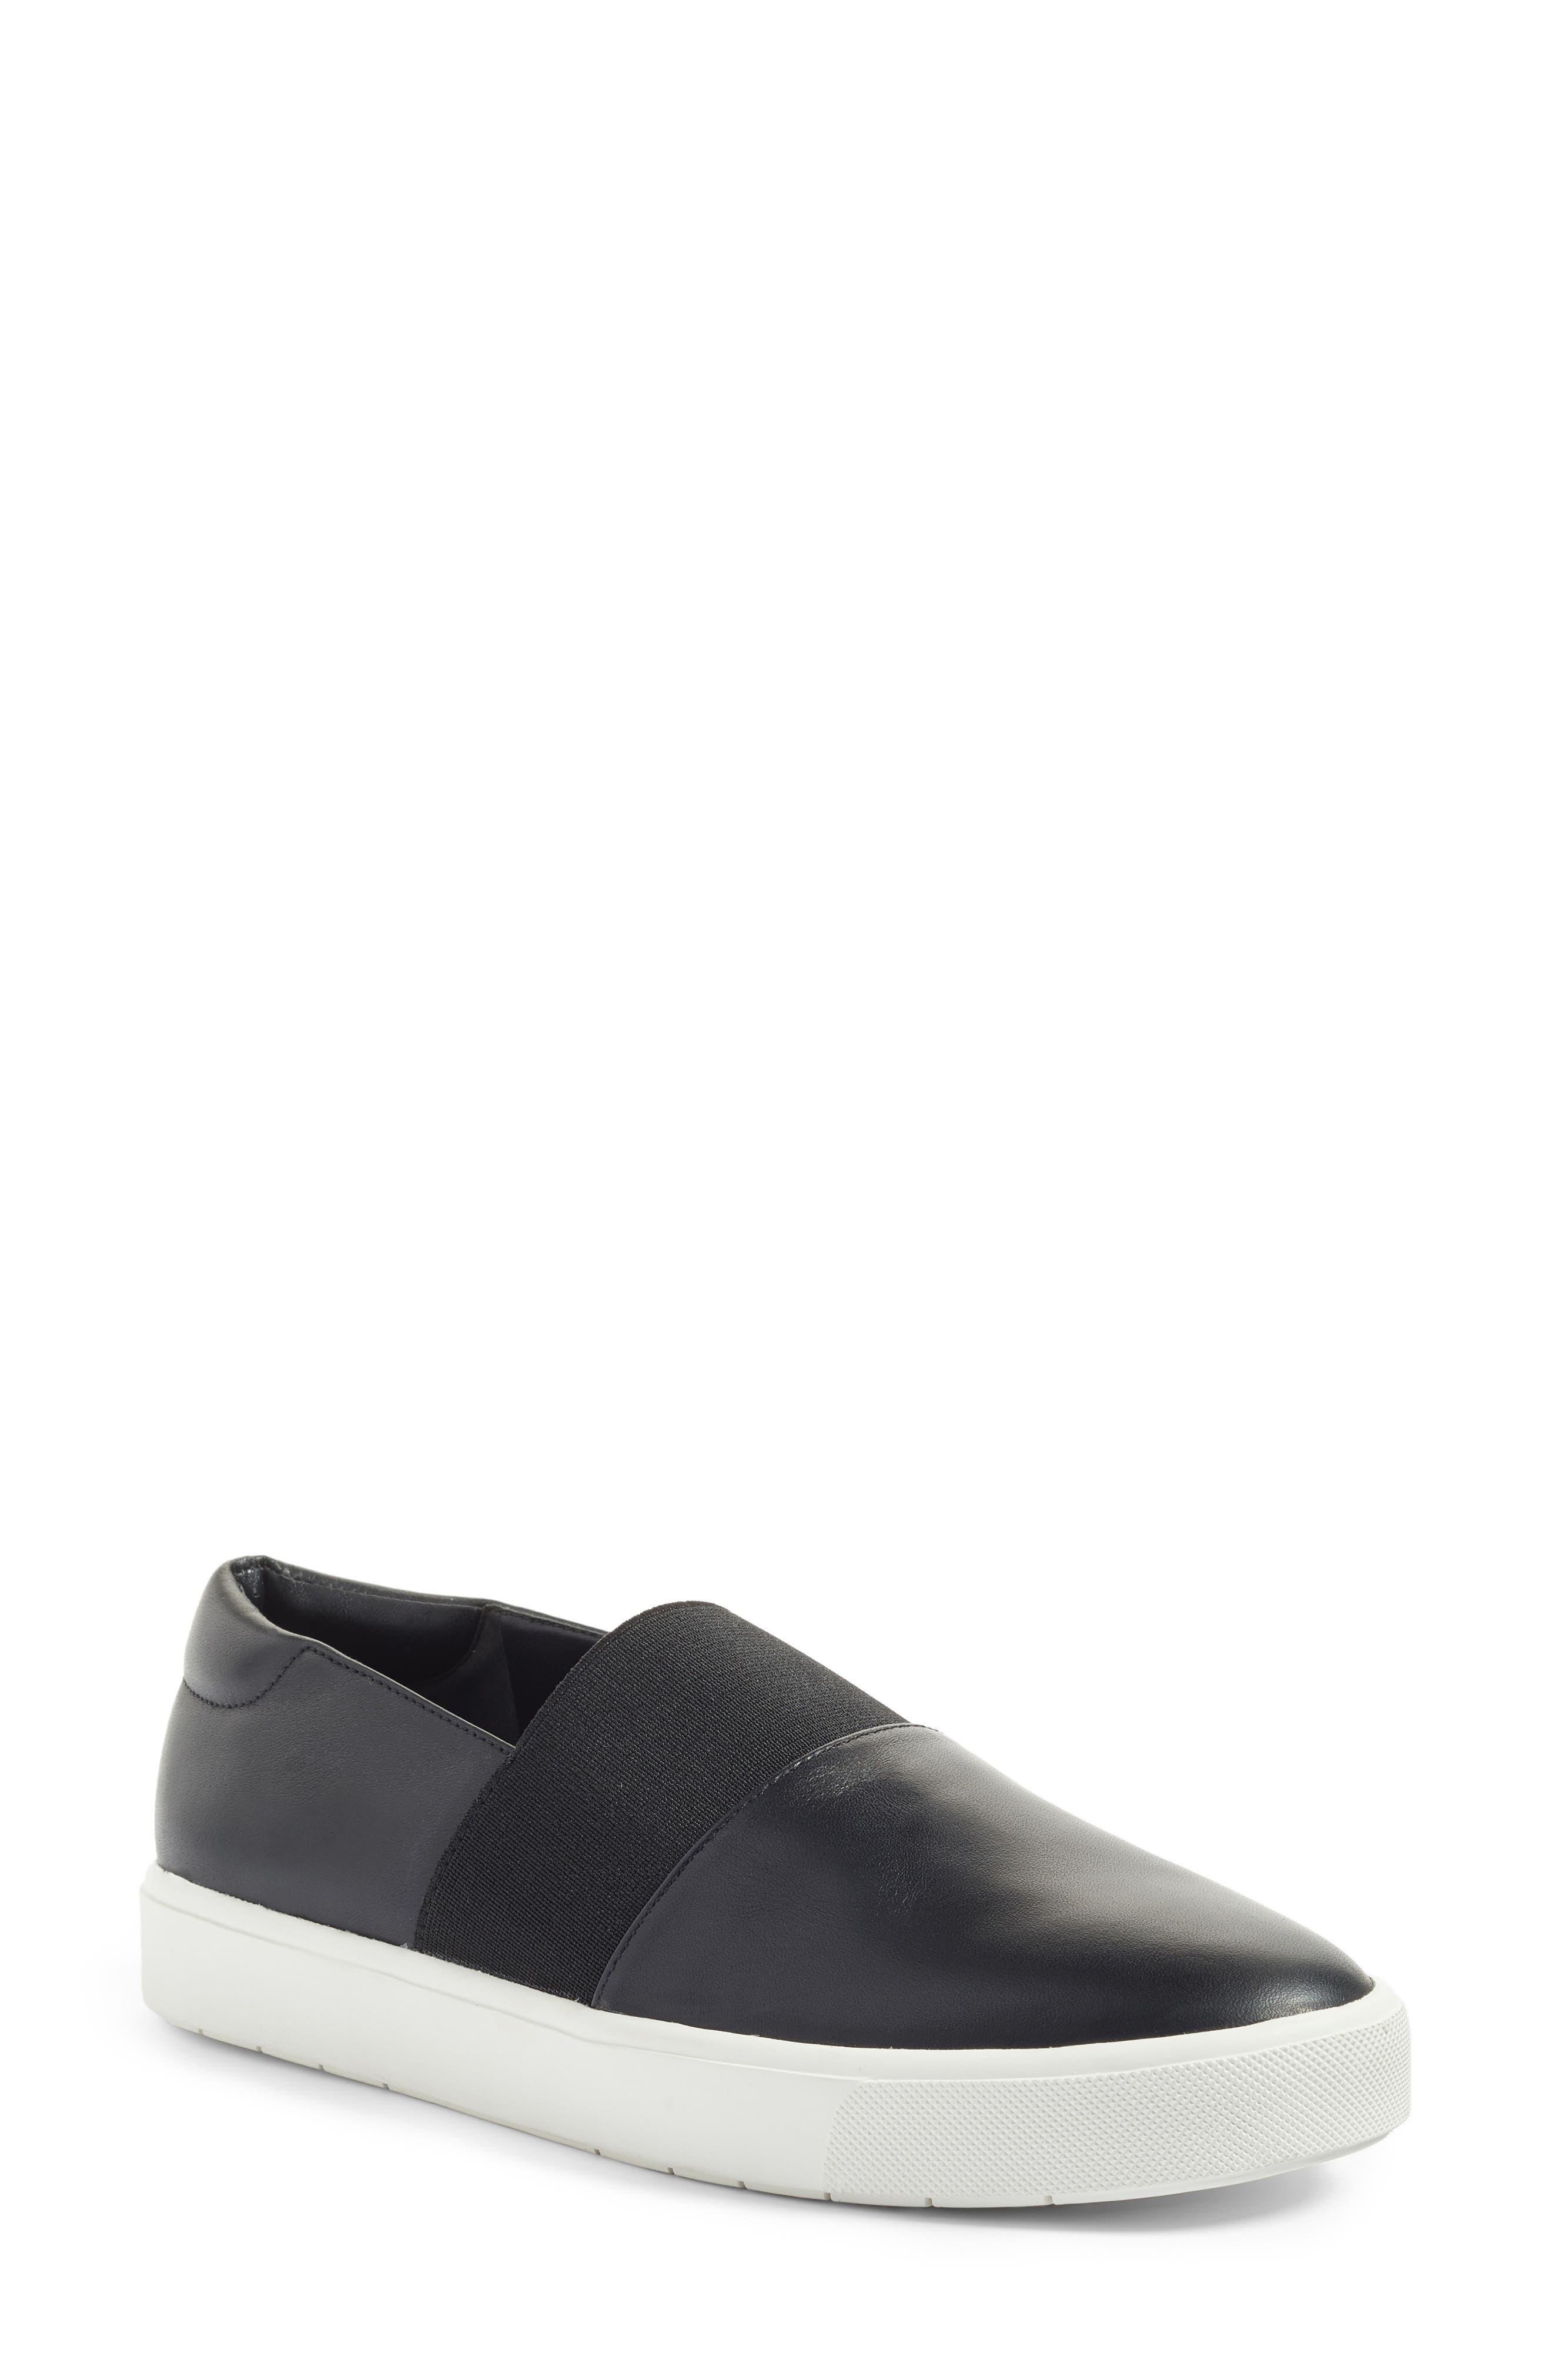 Corbin Slip-On Sneaker, Main, color, 001